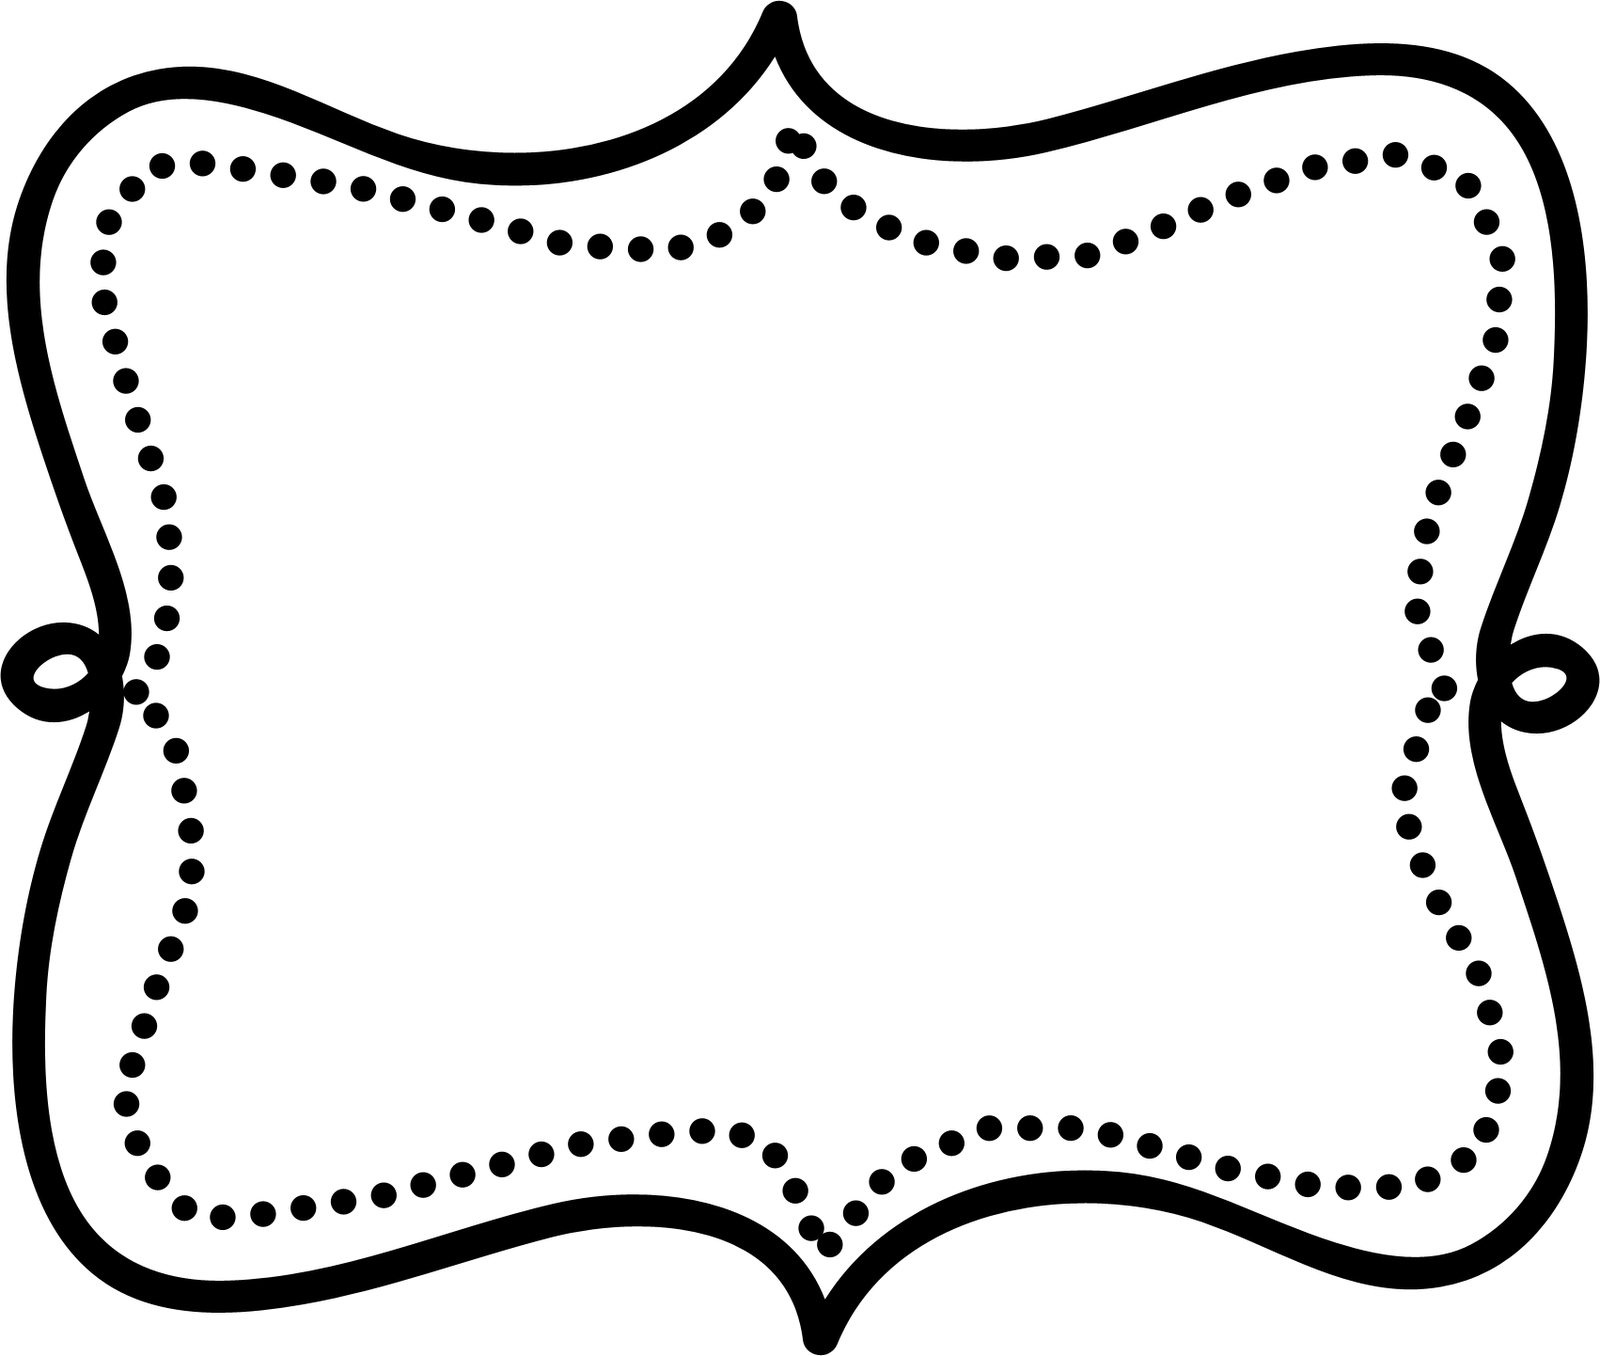 Doodle border p clipart. Label frame png